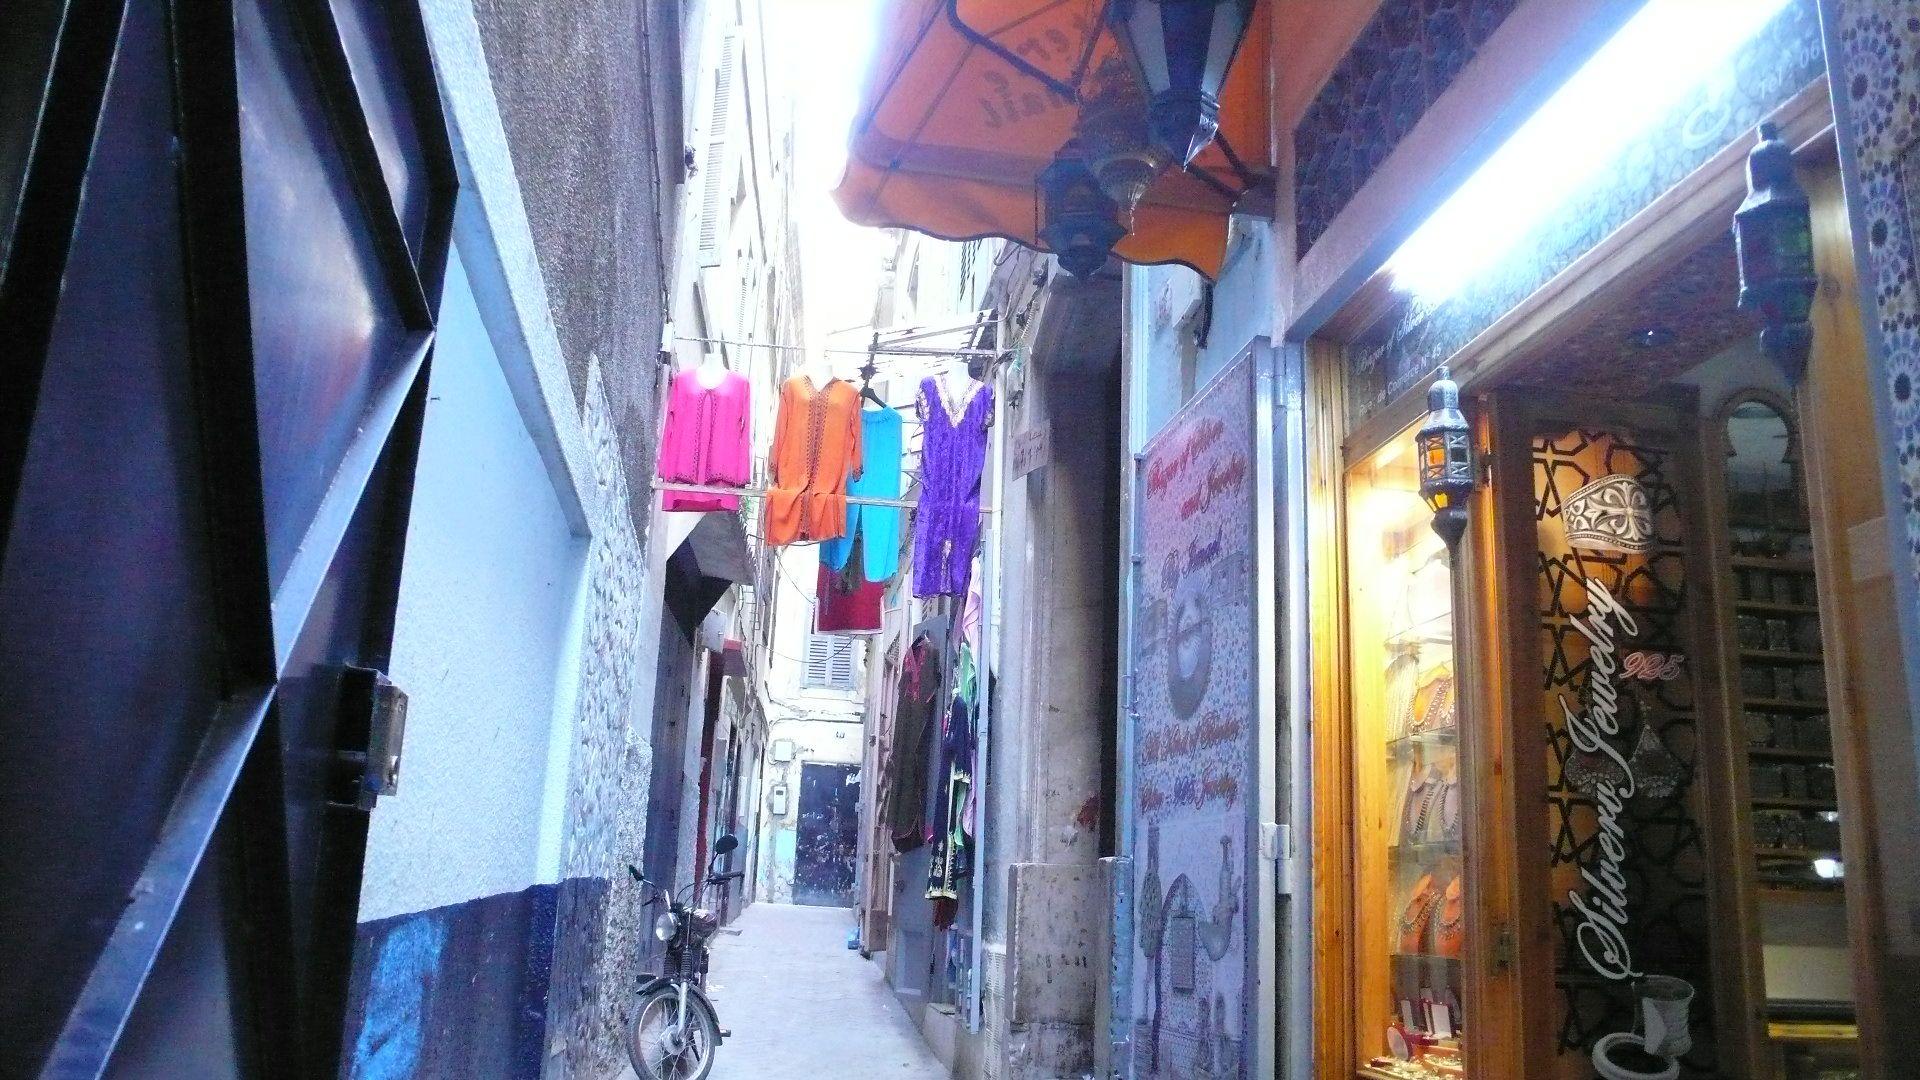 Zoco con ropa colgada en Tanger, Marruecos